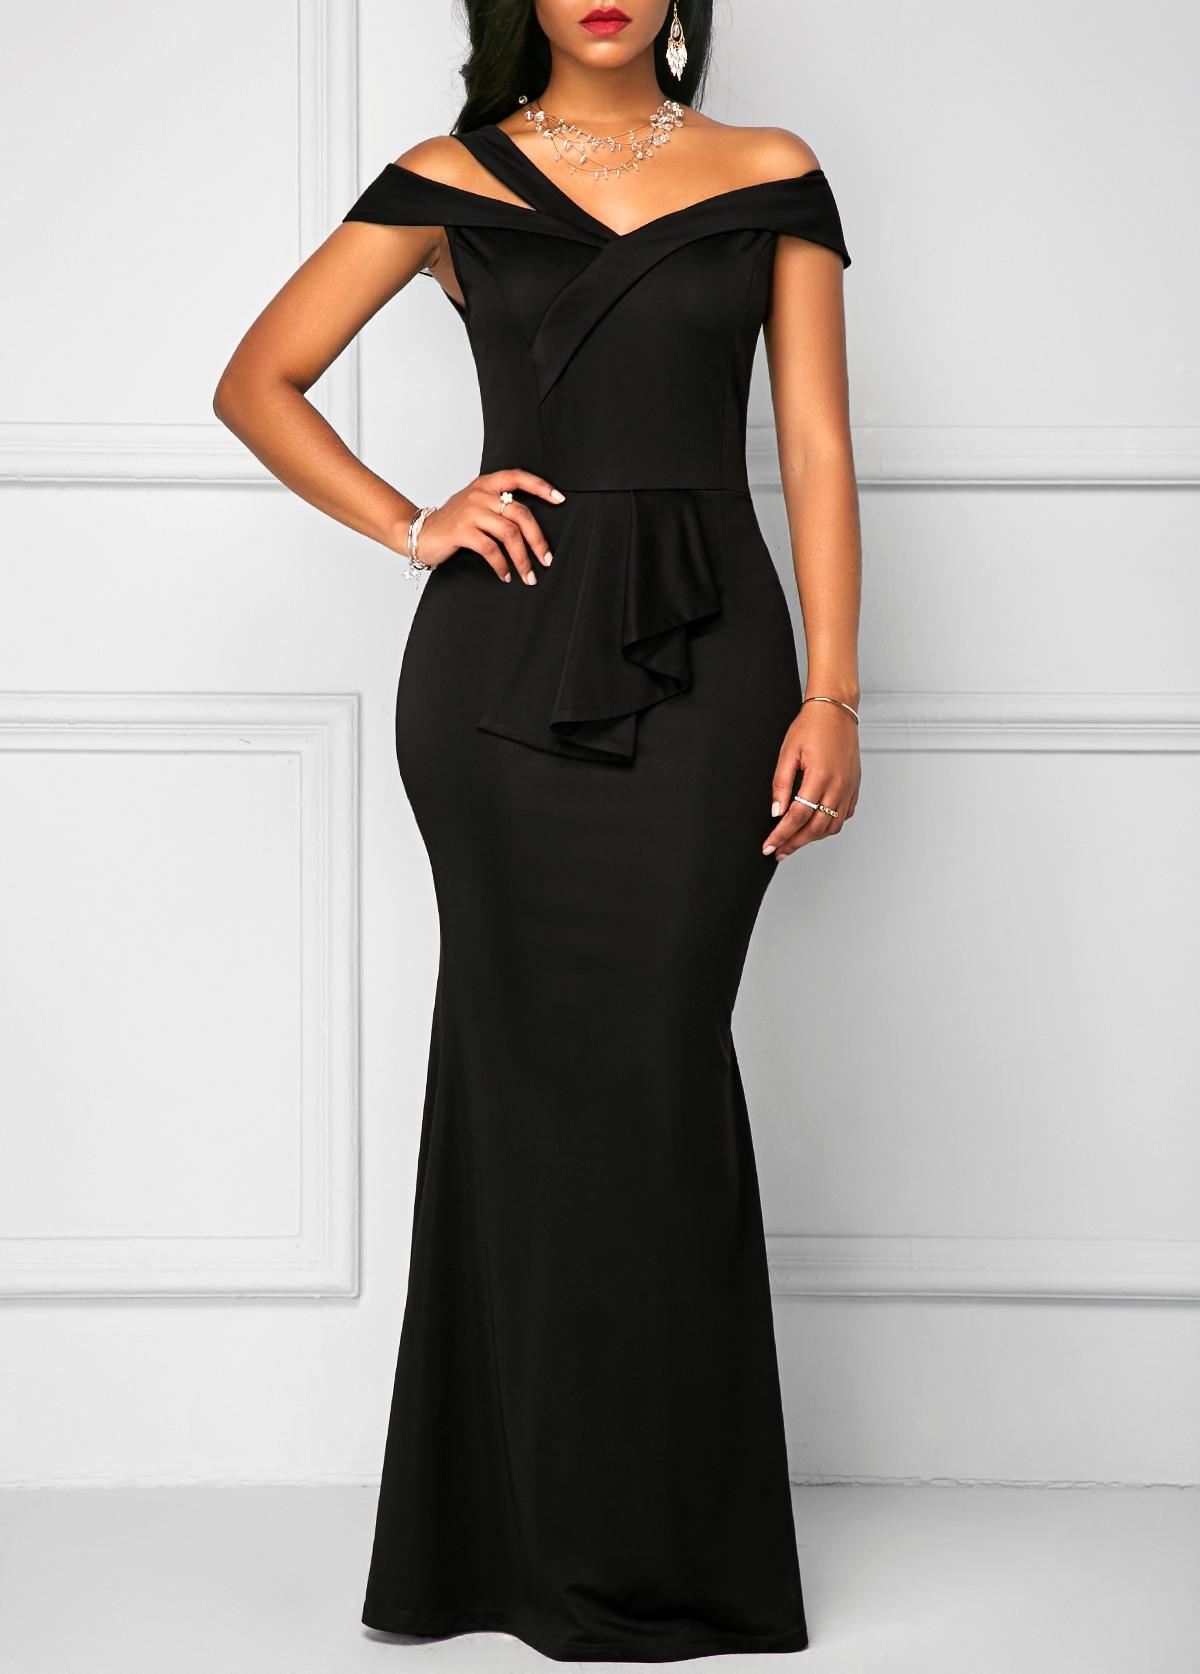 Zipper back black high waist maxi dress maxi dresses chic dress